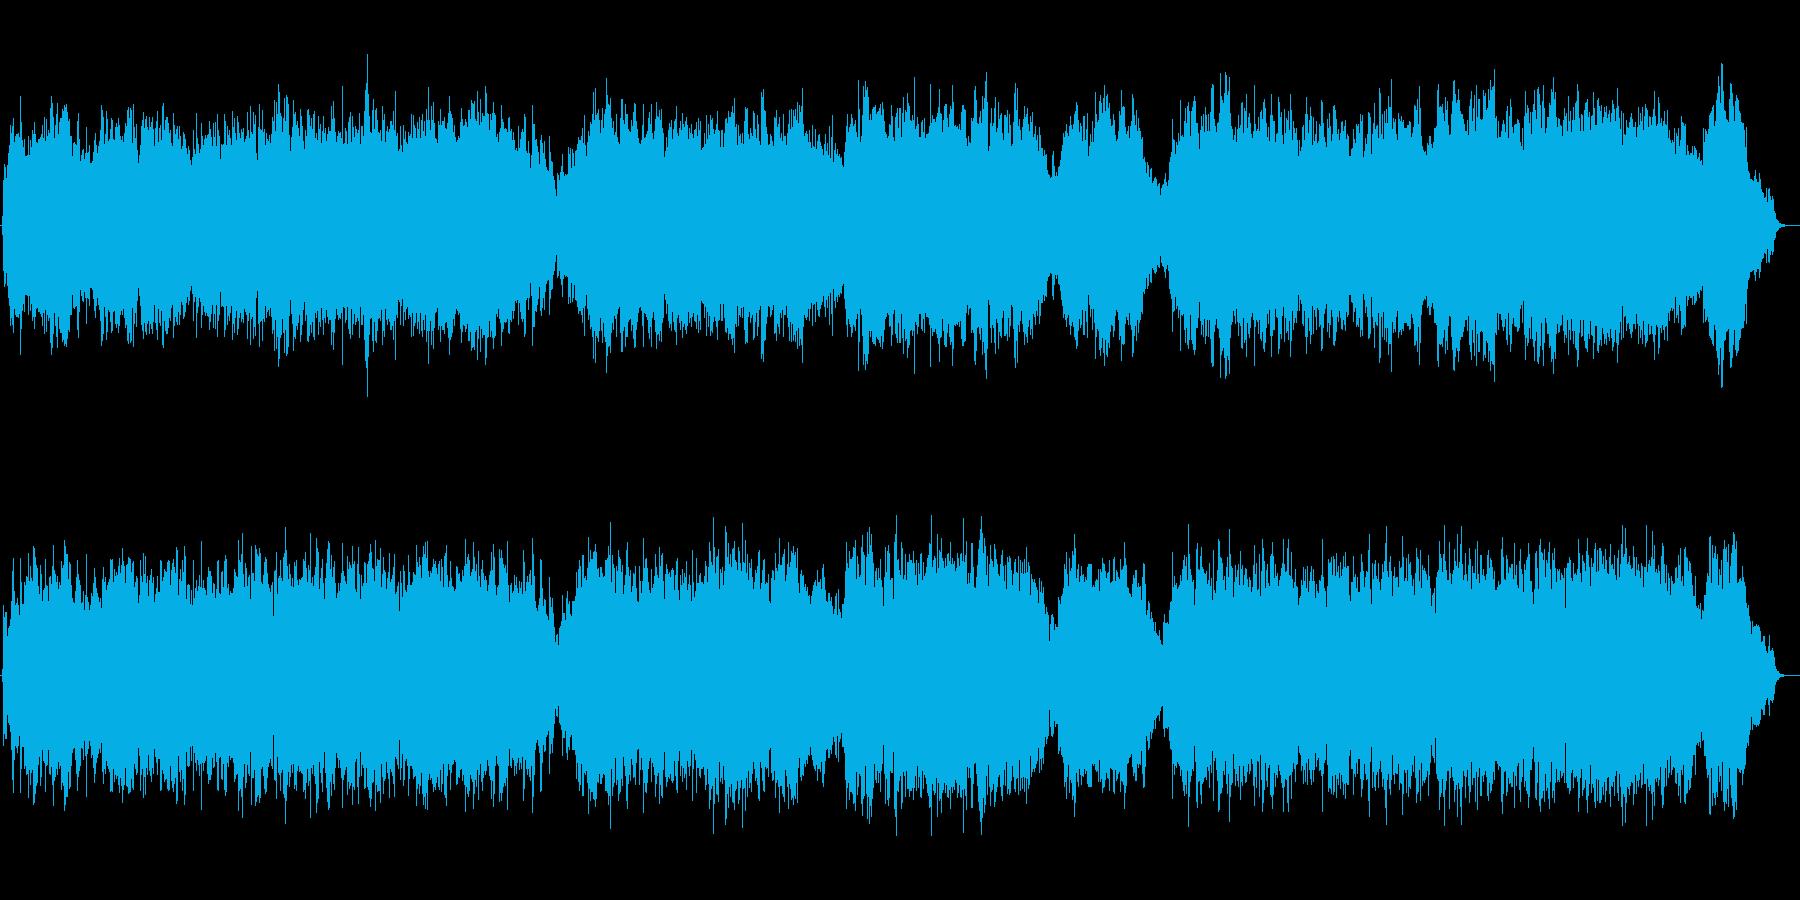 ヴァイオリンの為のアリアの再生済みの波形